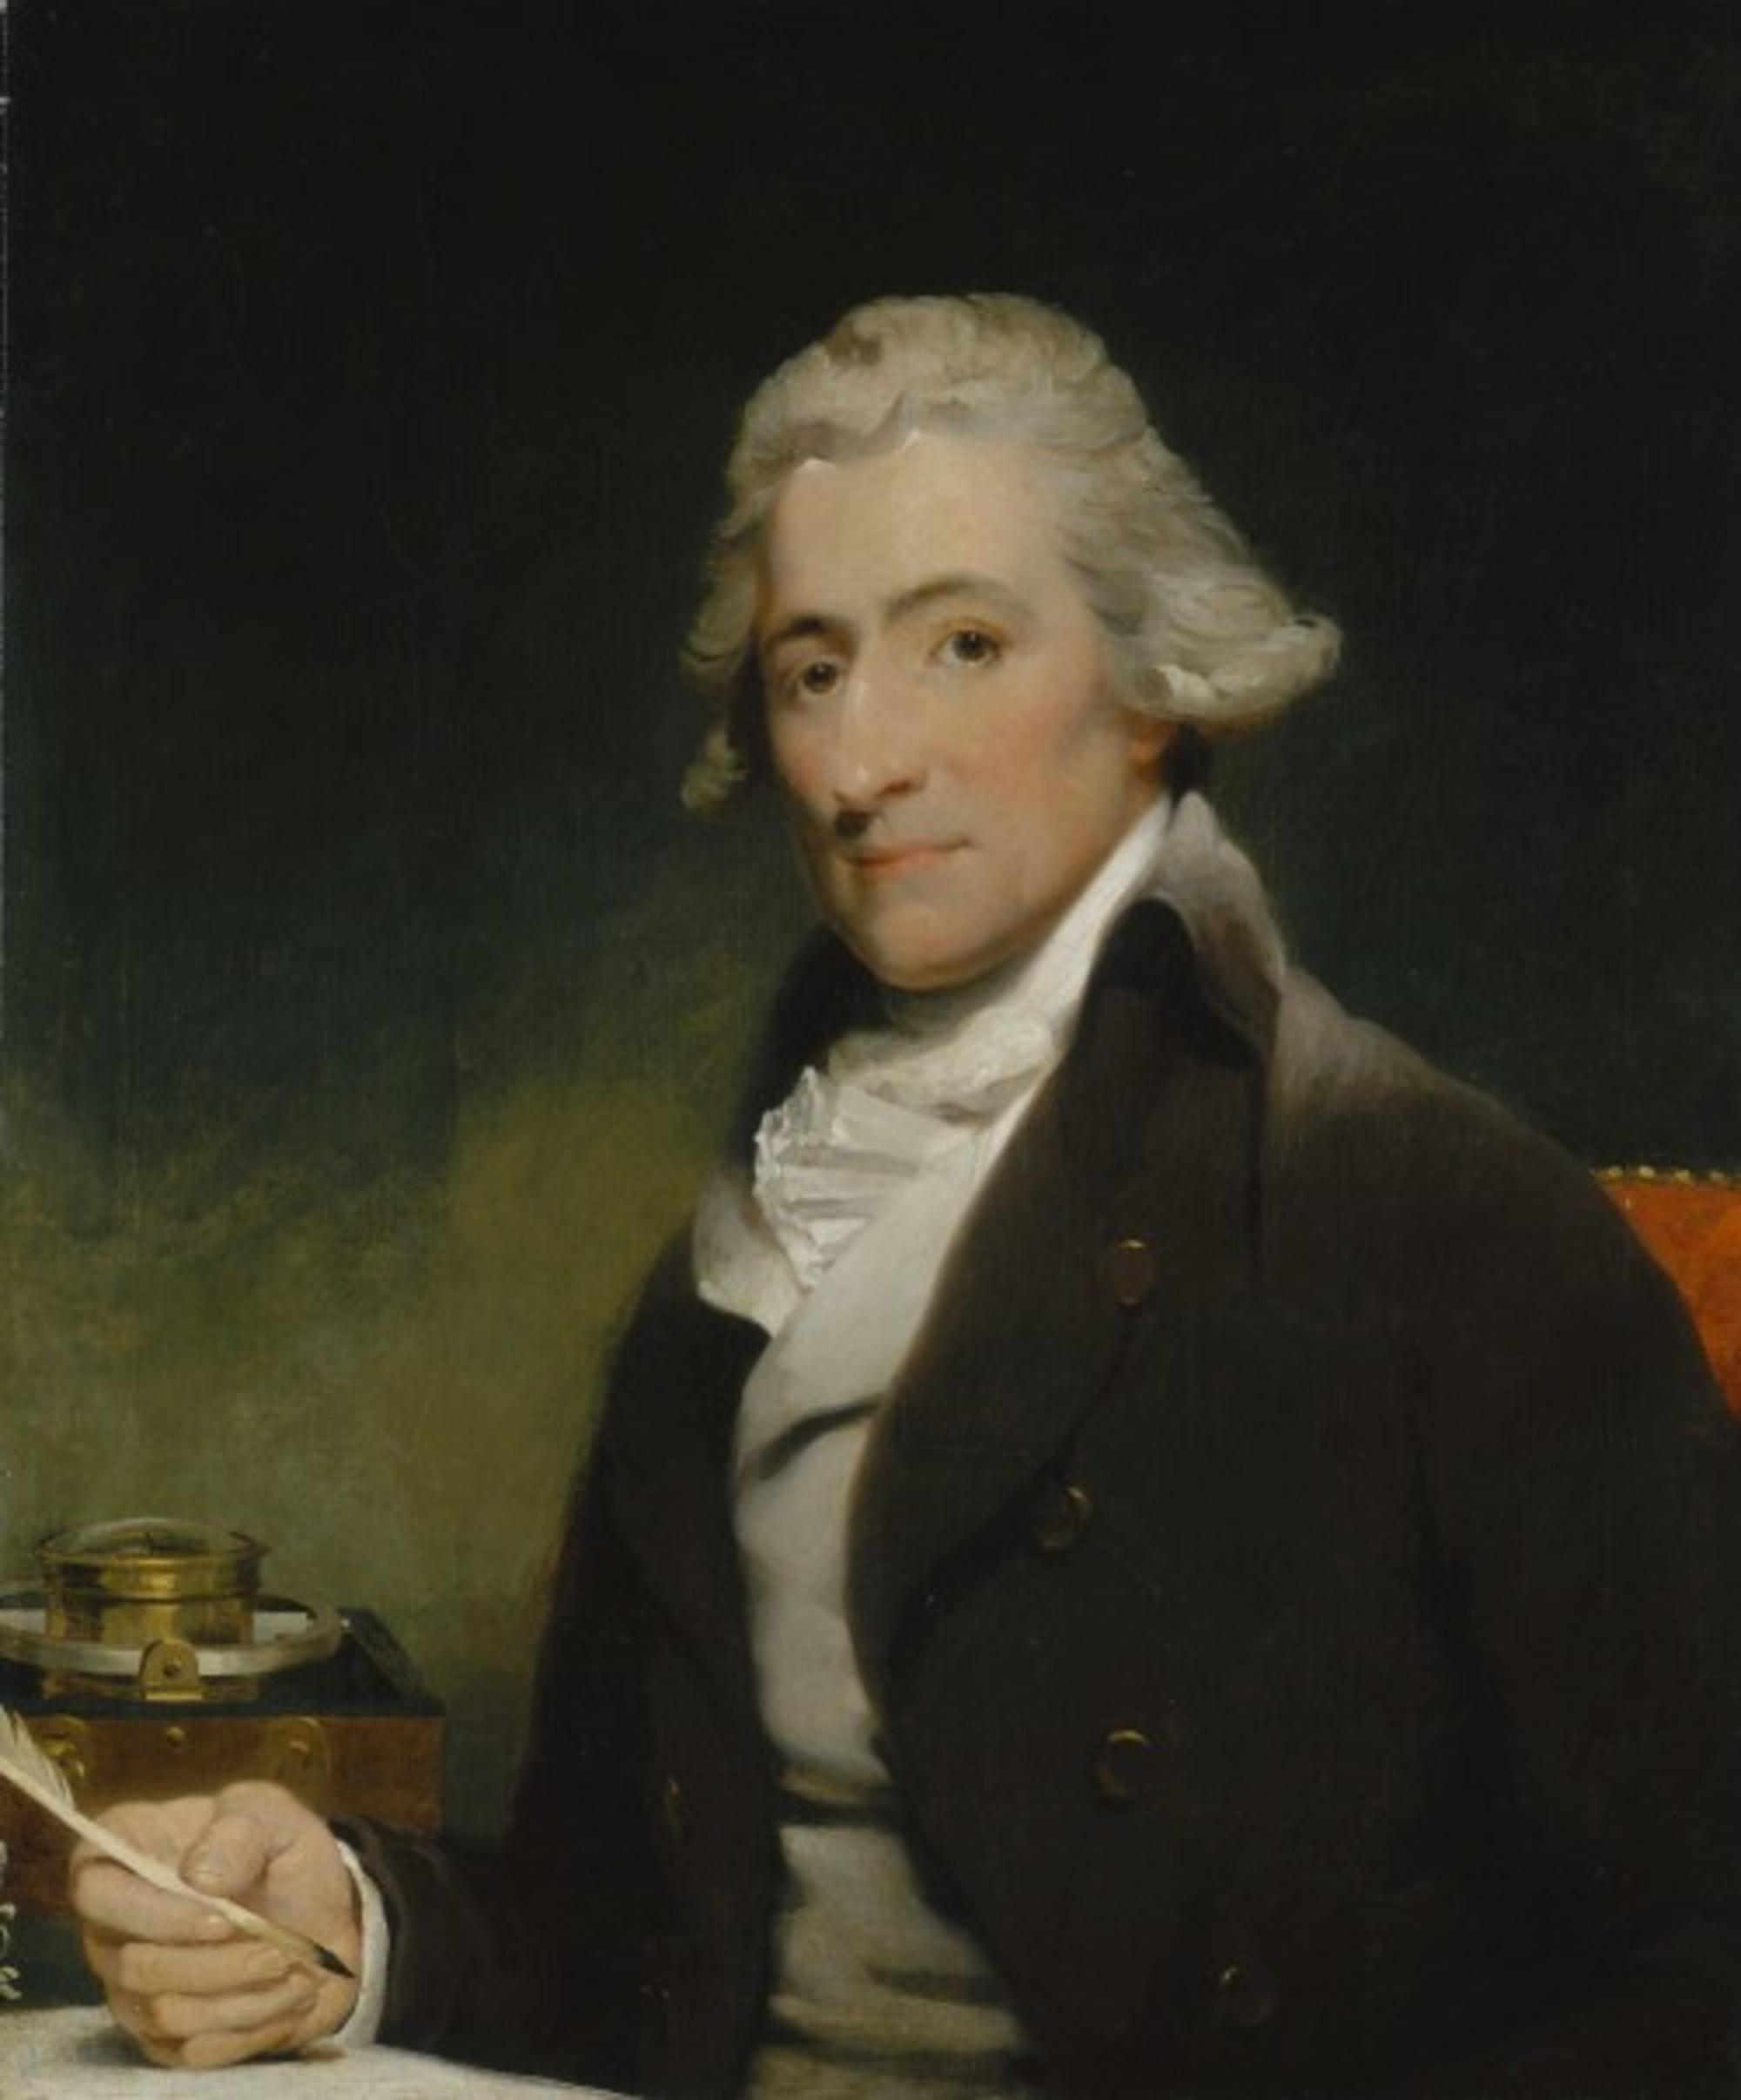 Thomas-Earnshaw-1749-1829-RMG-BHC2674.jpg